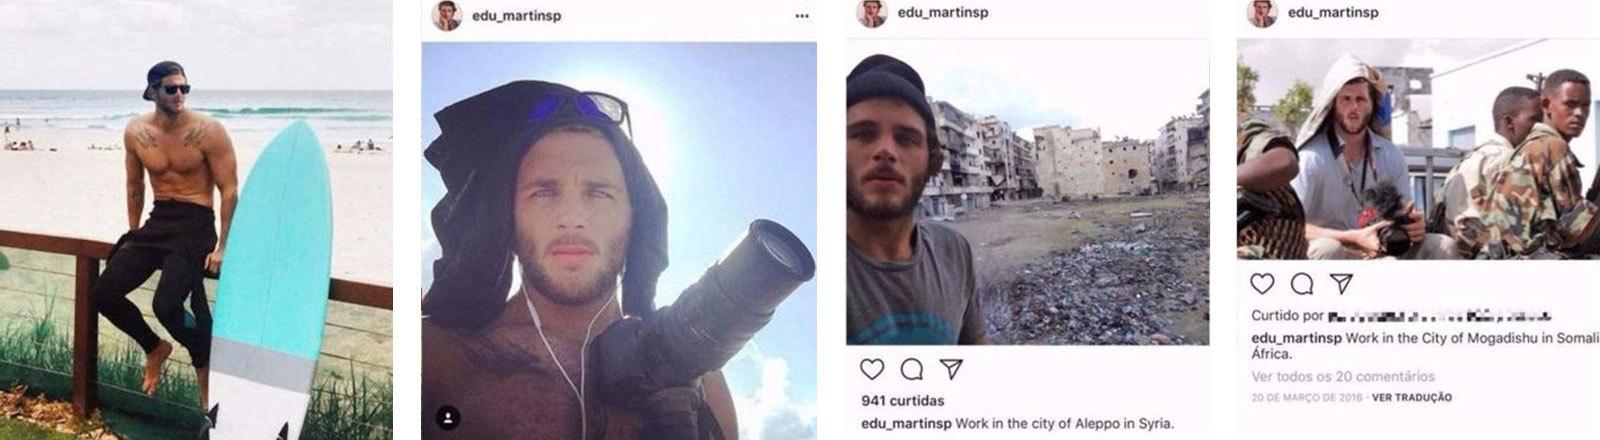 """Bilder von den Social-Media-Accounts der Fake-Identität """"Eduardo Martins"""""""